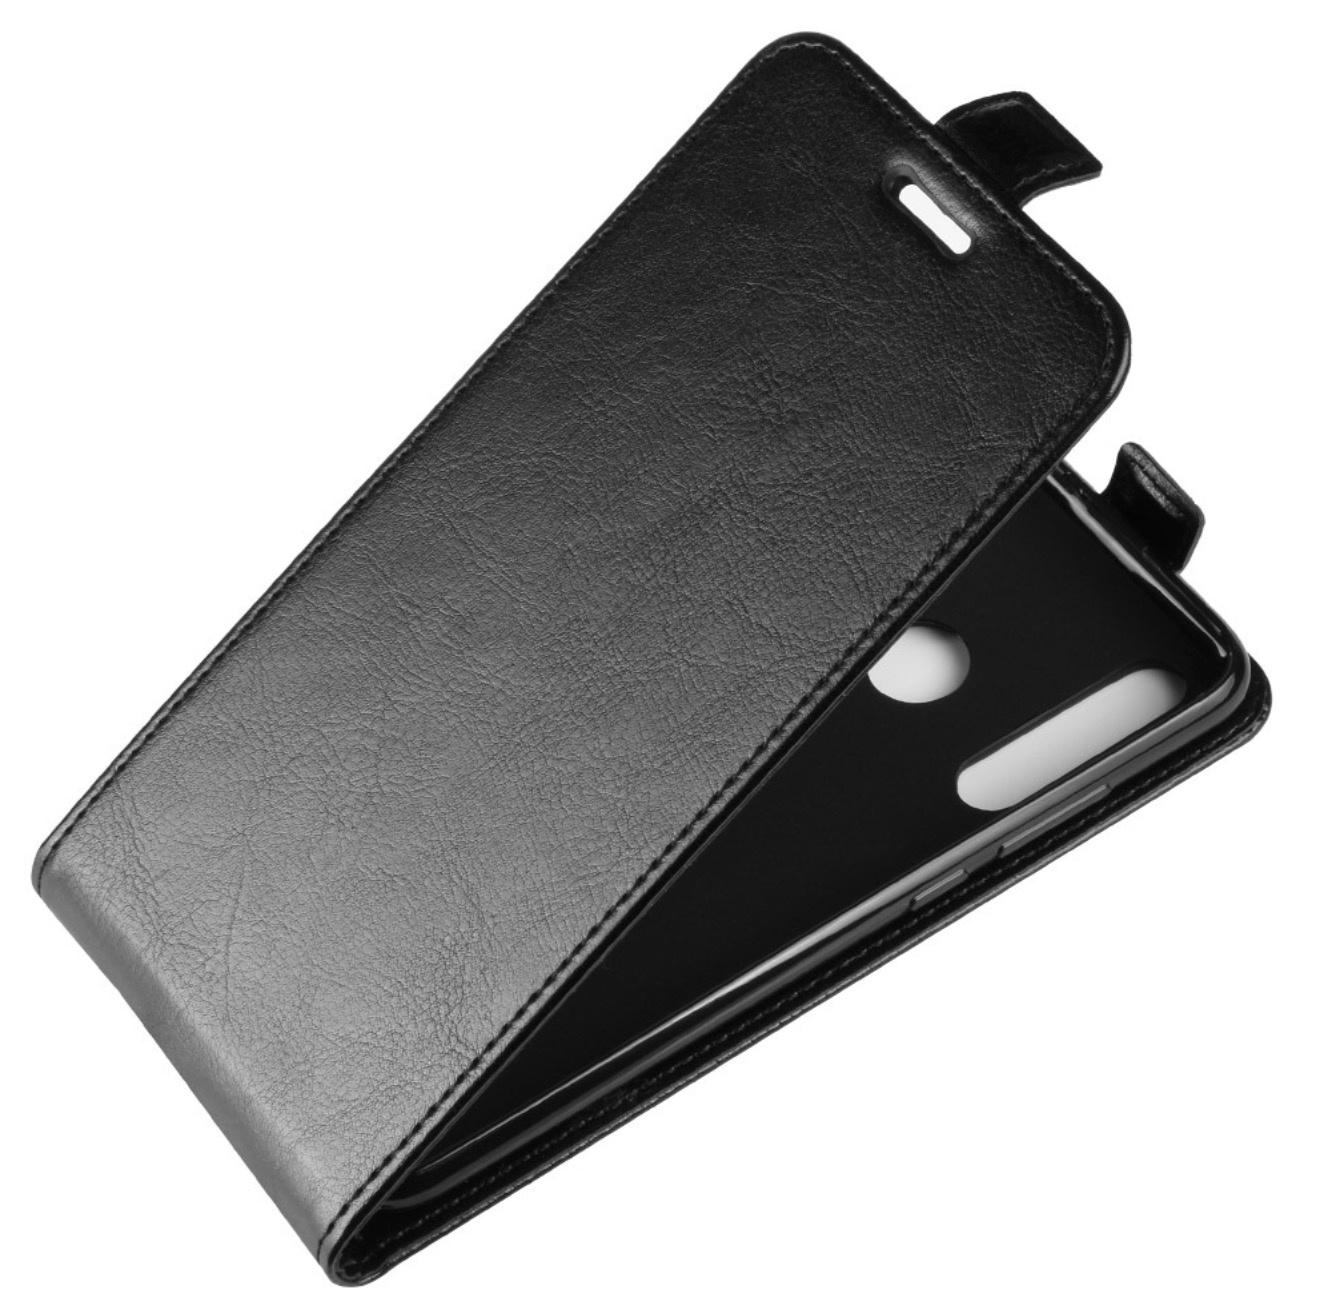 купить Чехол-флип MyPads для Alcatel One Touch Idol 3 (5.5) / 3 (5.5) Dual Sim 6045Y/K вертикальный откидной черный по цене 698 рублей